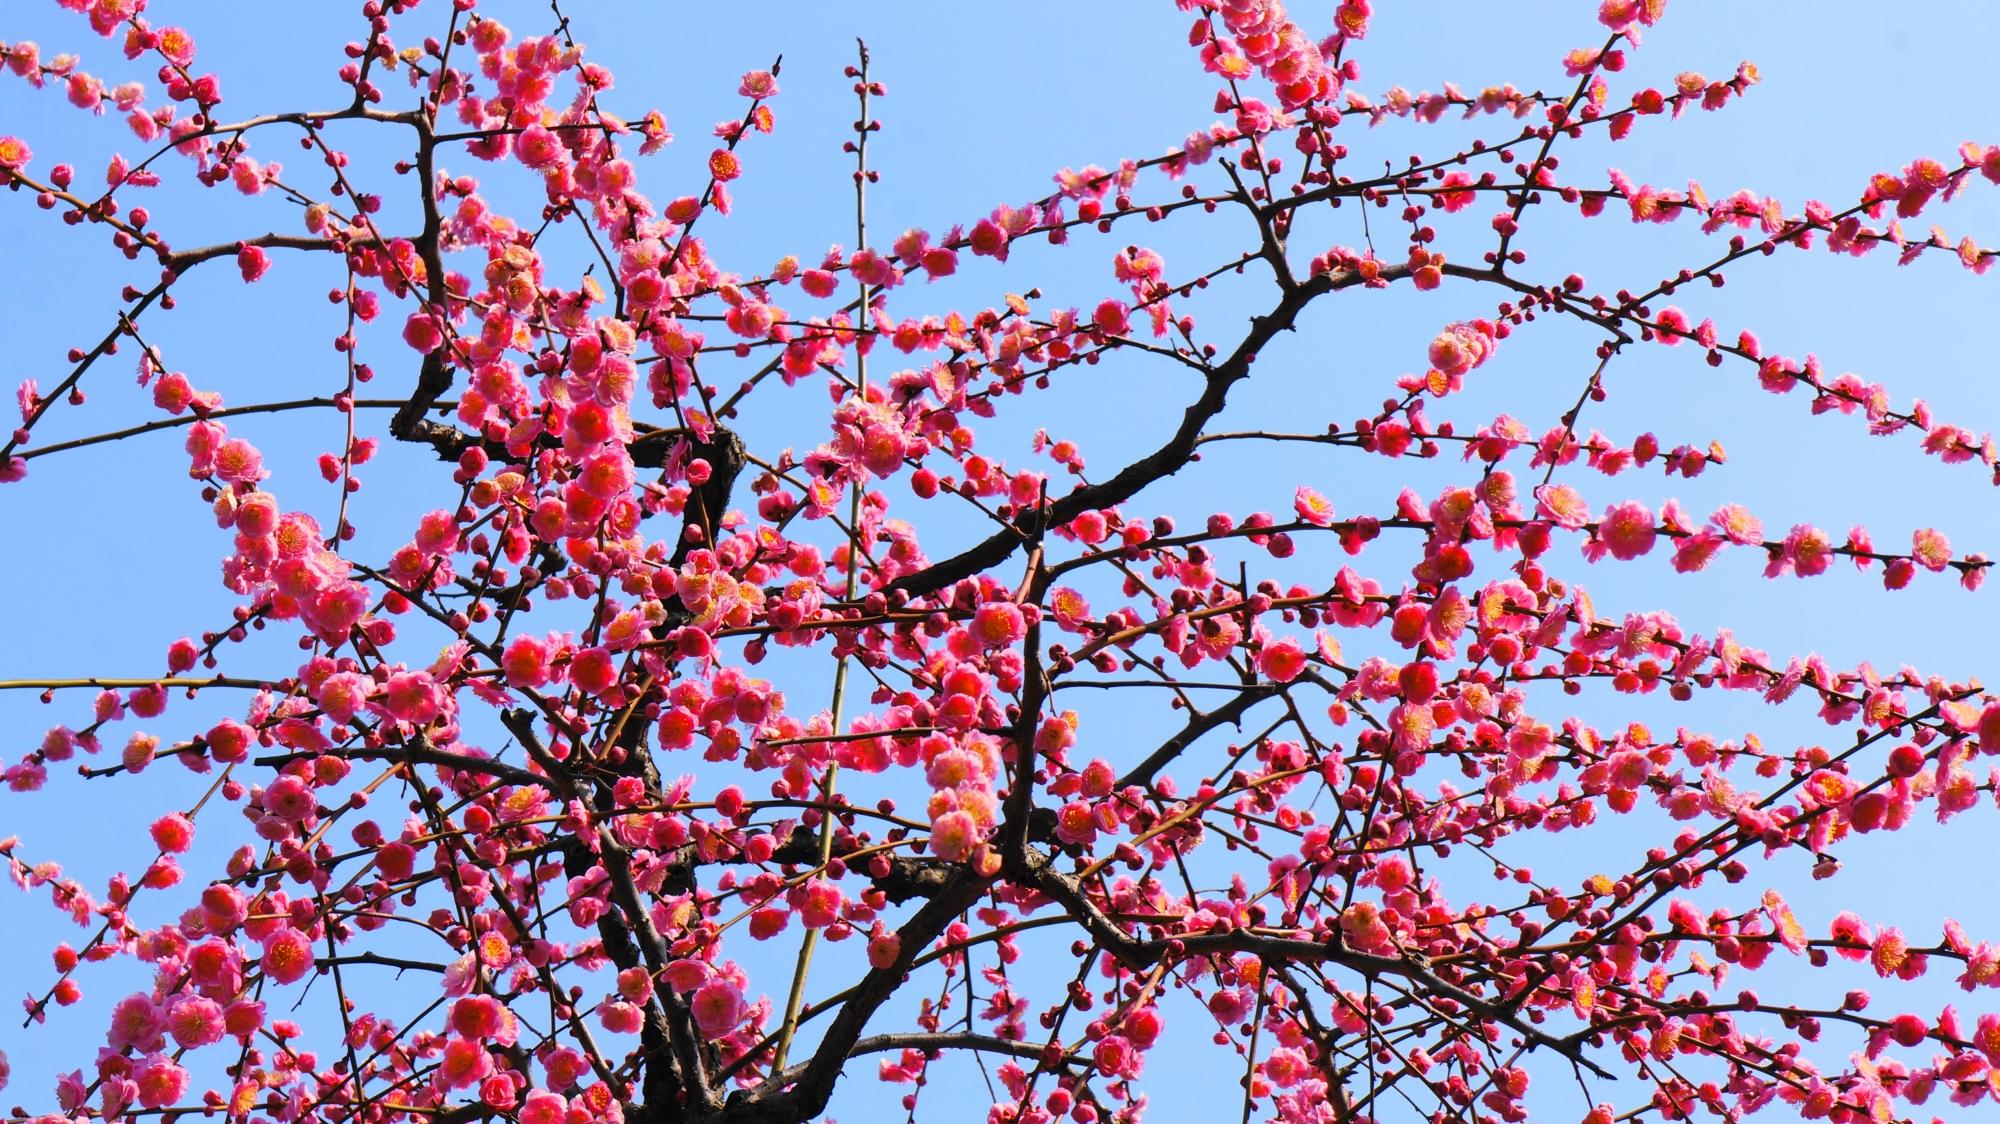 青空に映えるピンクのしだれ梅